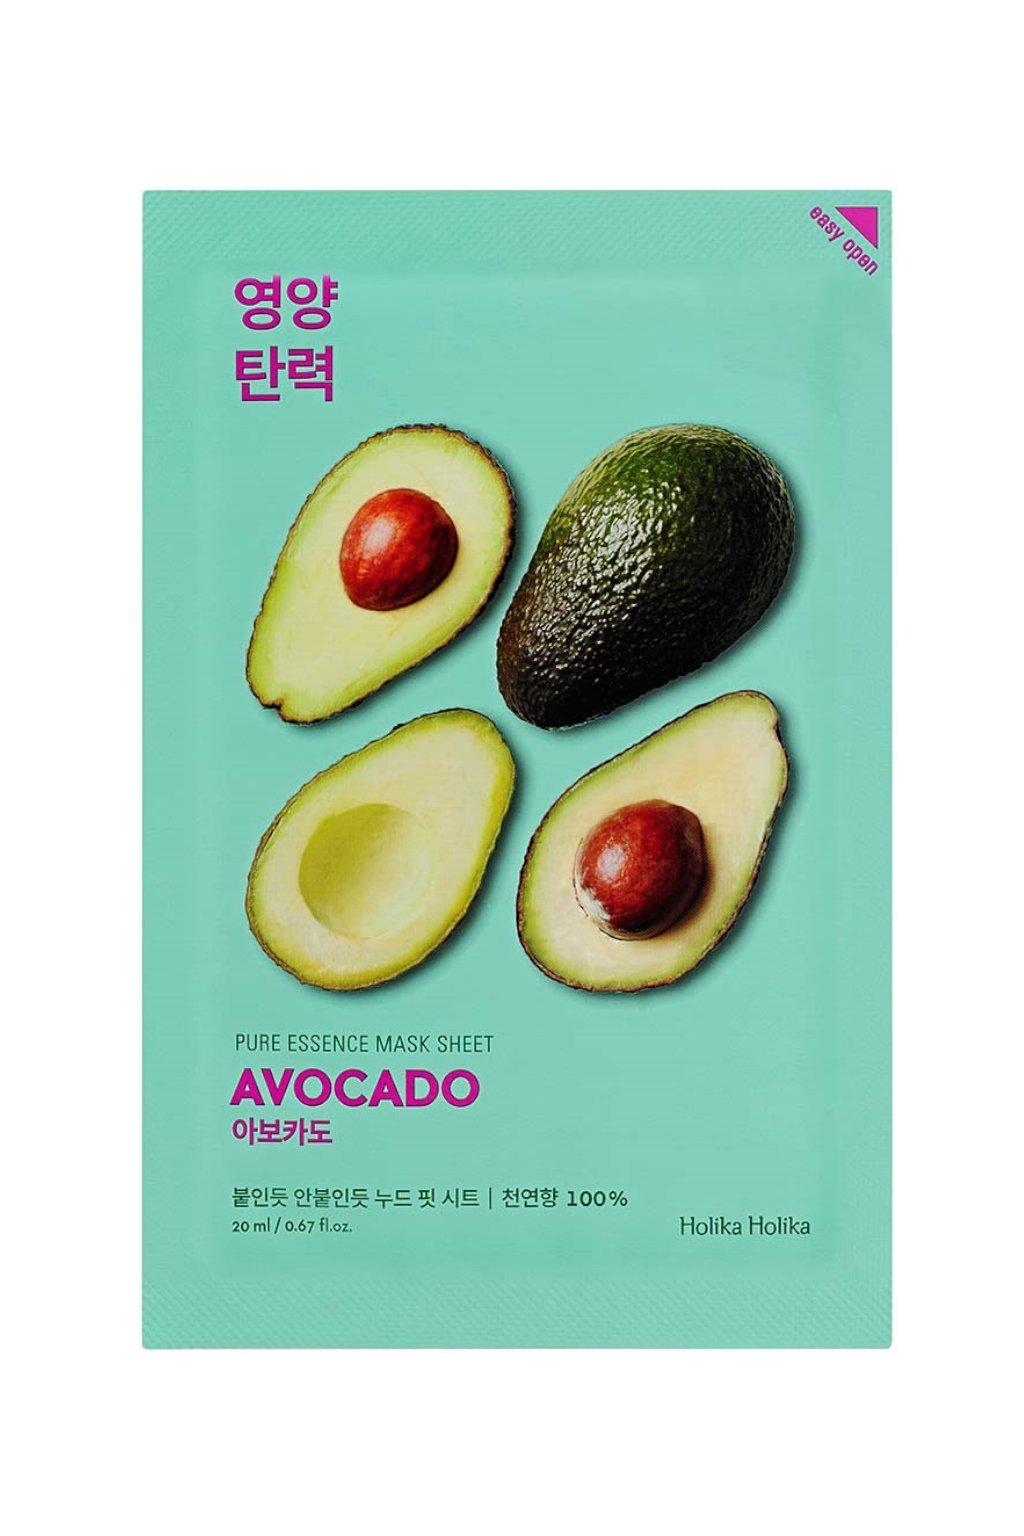 Holika Holika Pure Essence Avocado Mask